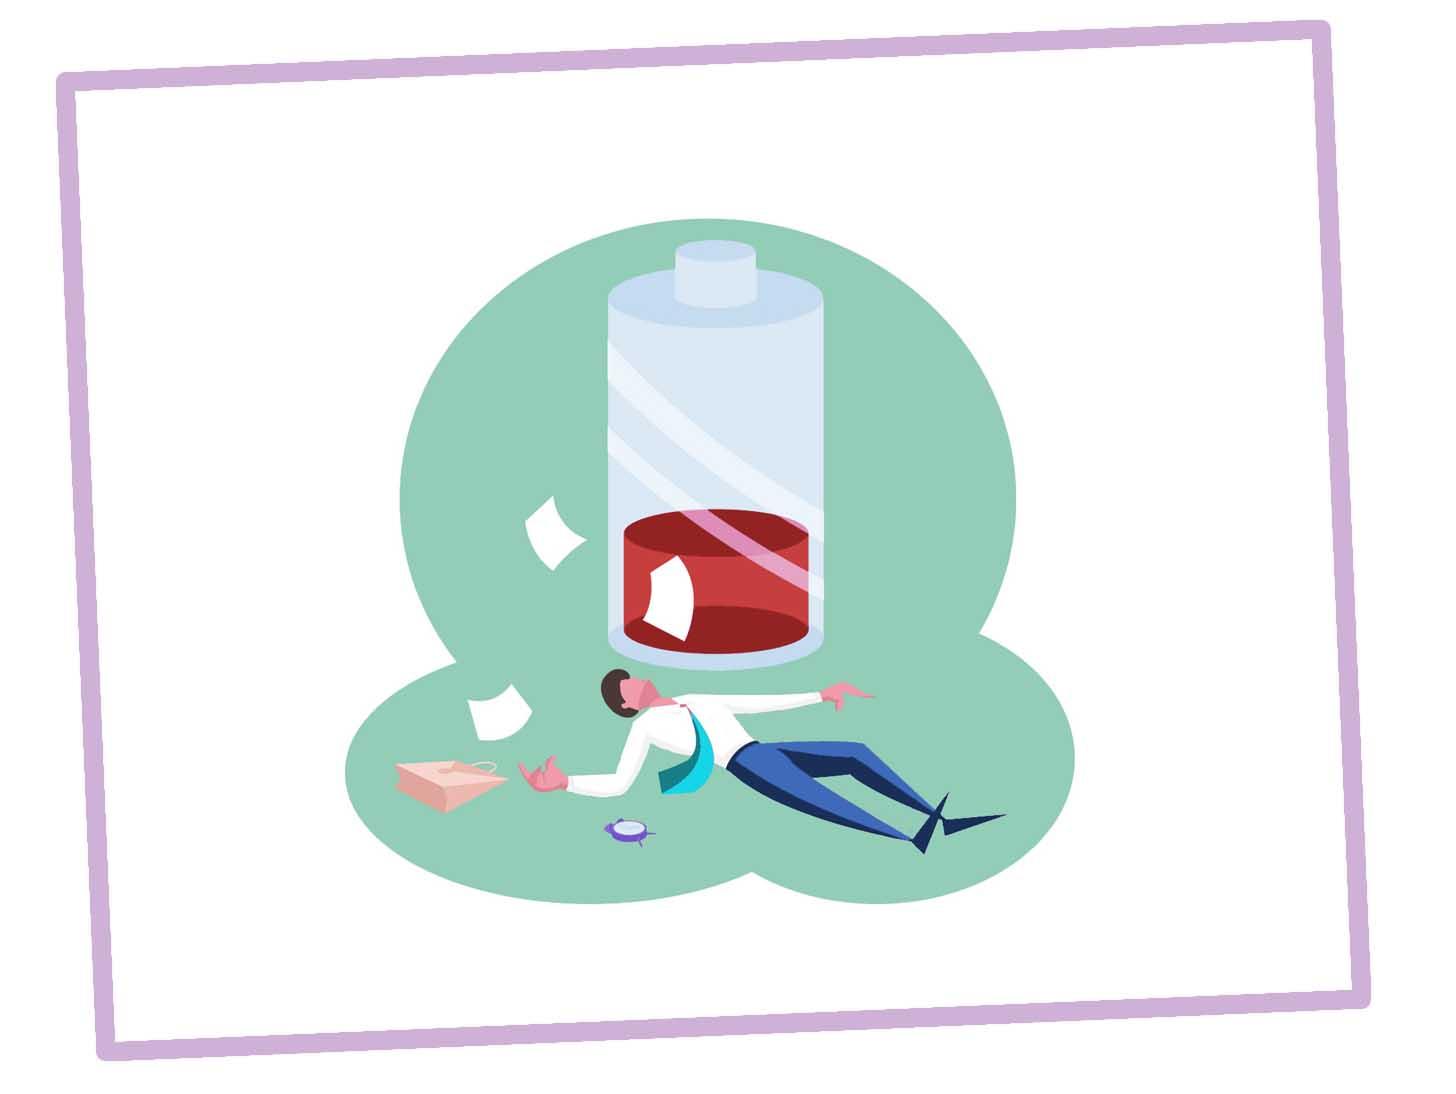 синдром хронической усталости, симптомы и лечение в домашних условиях